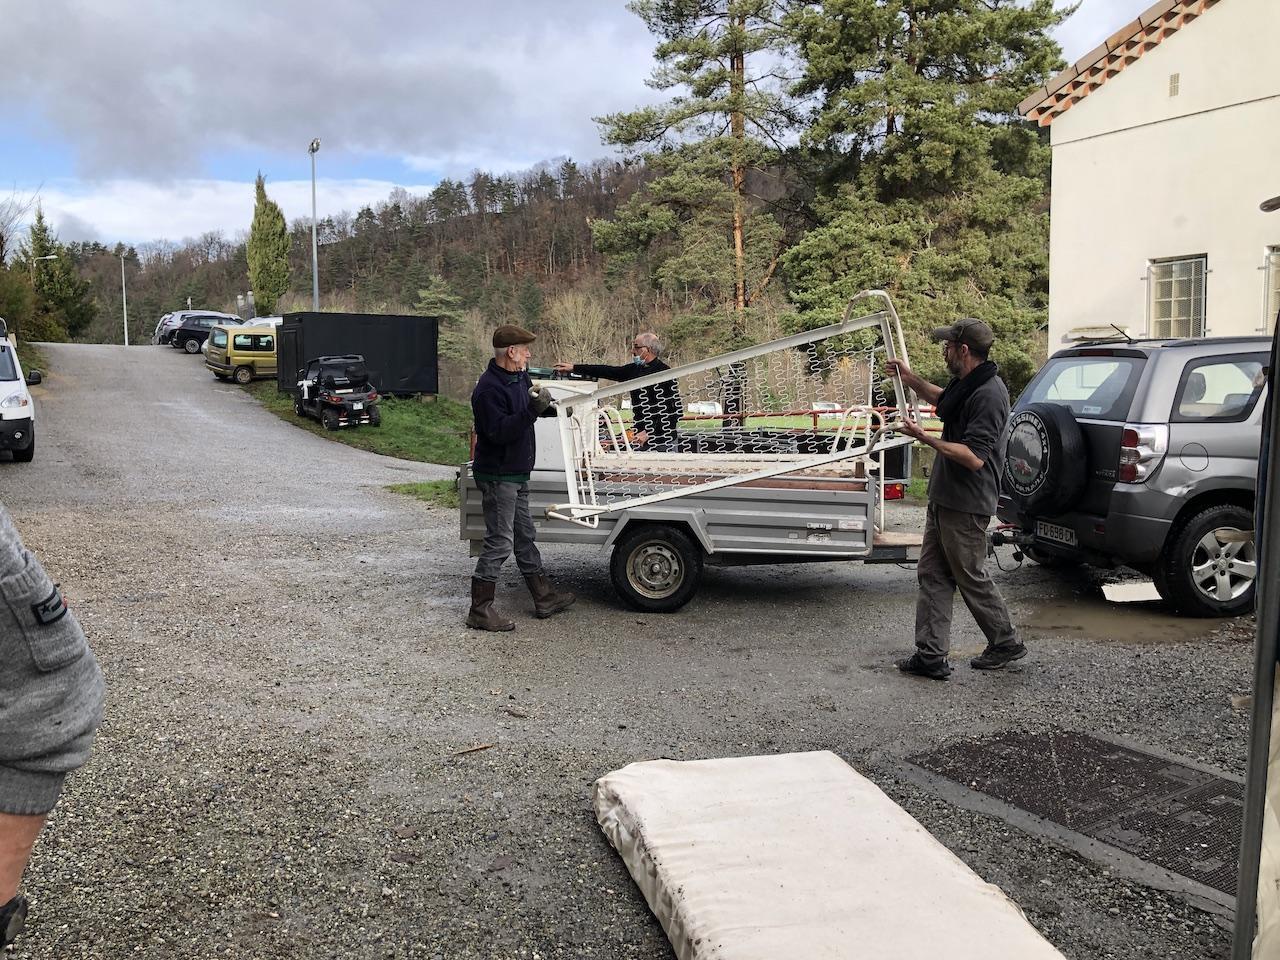 Jean-Pierre et Thibaud préparent la remorque